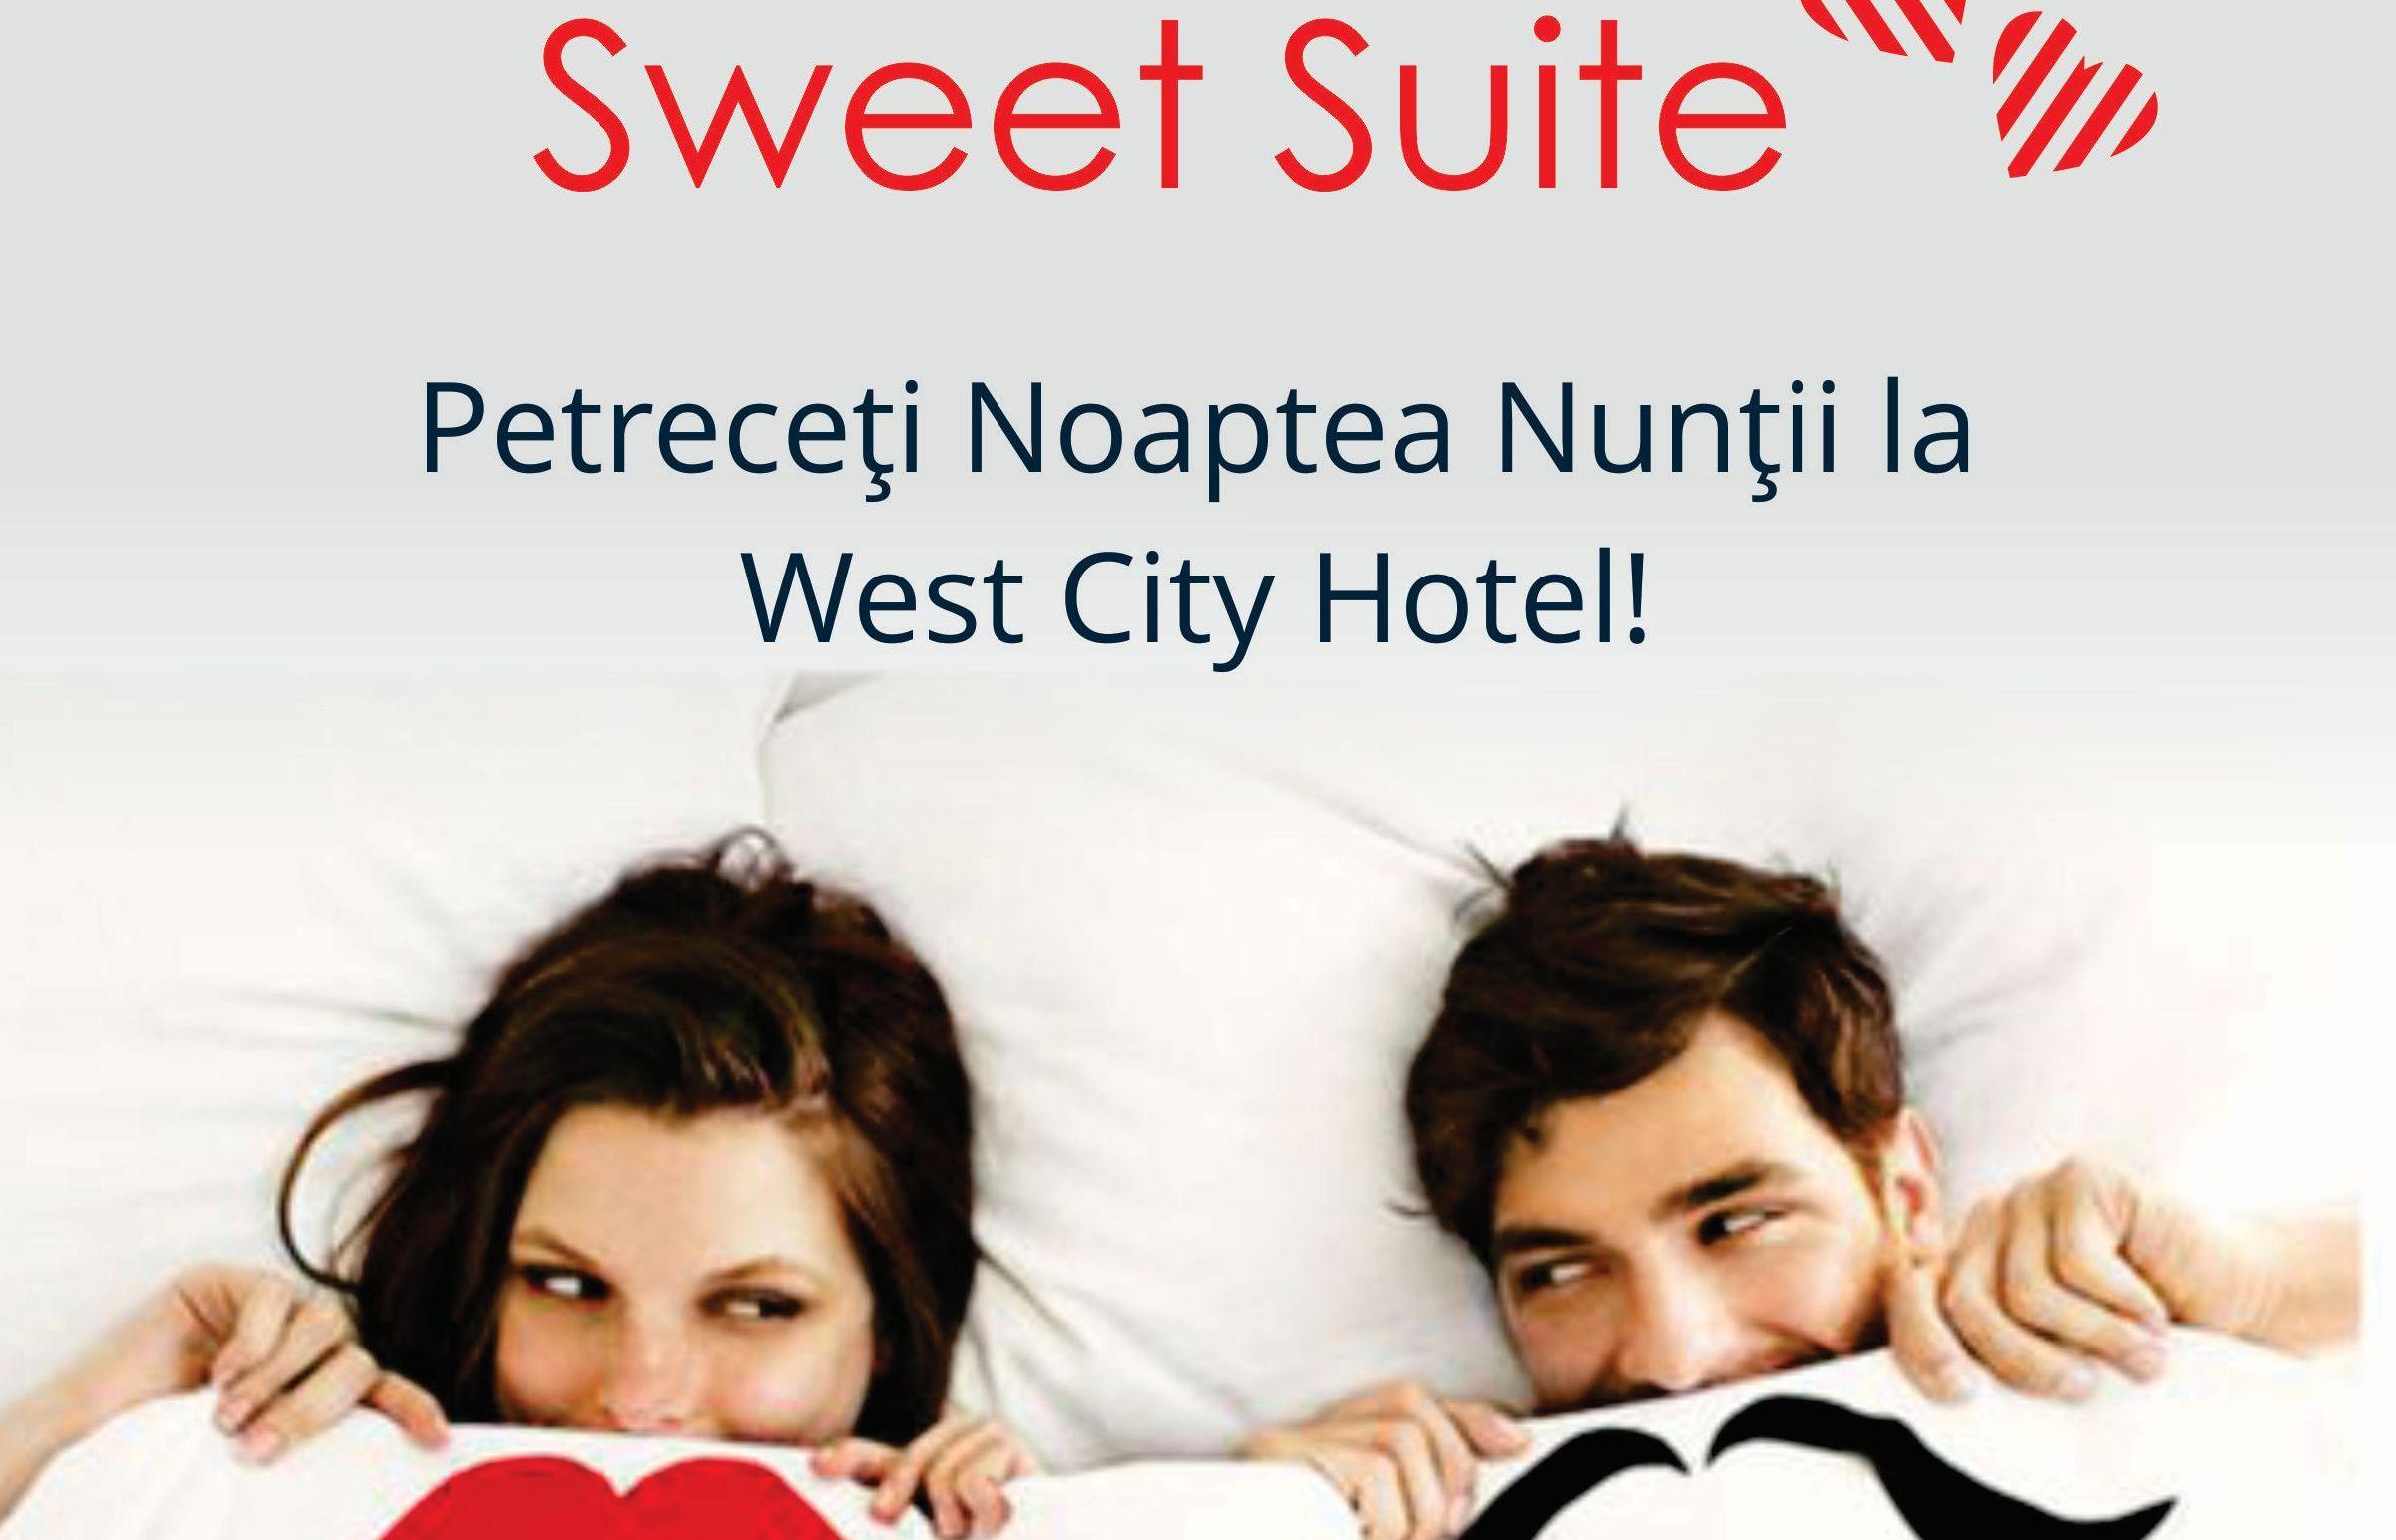 Petreceți noaptea nunții gratuit la West City Hotel!